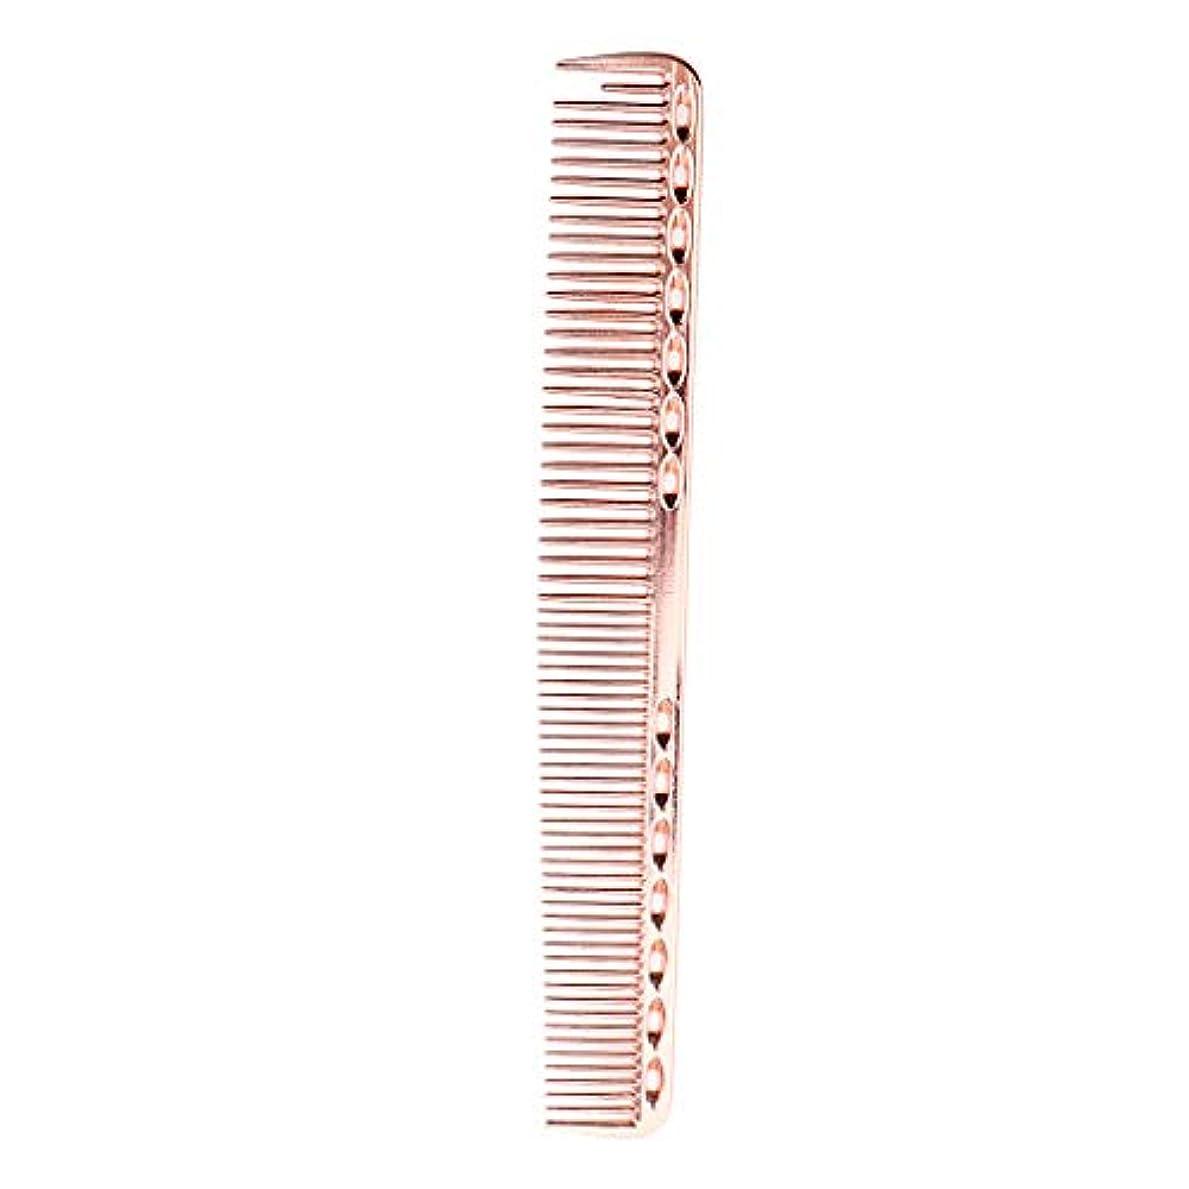 ピン拒絶するフラフープ帯電防止櫛 頭皮マッサージ ヘアコーム プロ ヘアサロン 自宅用 5色選べ - ローズピンク